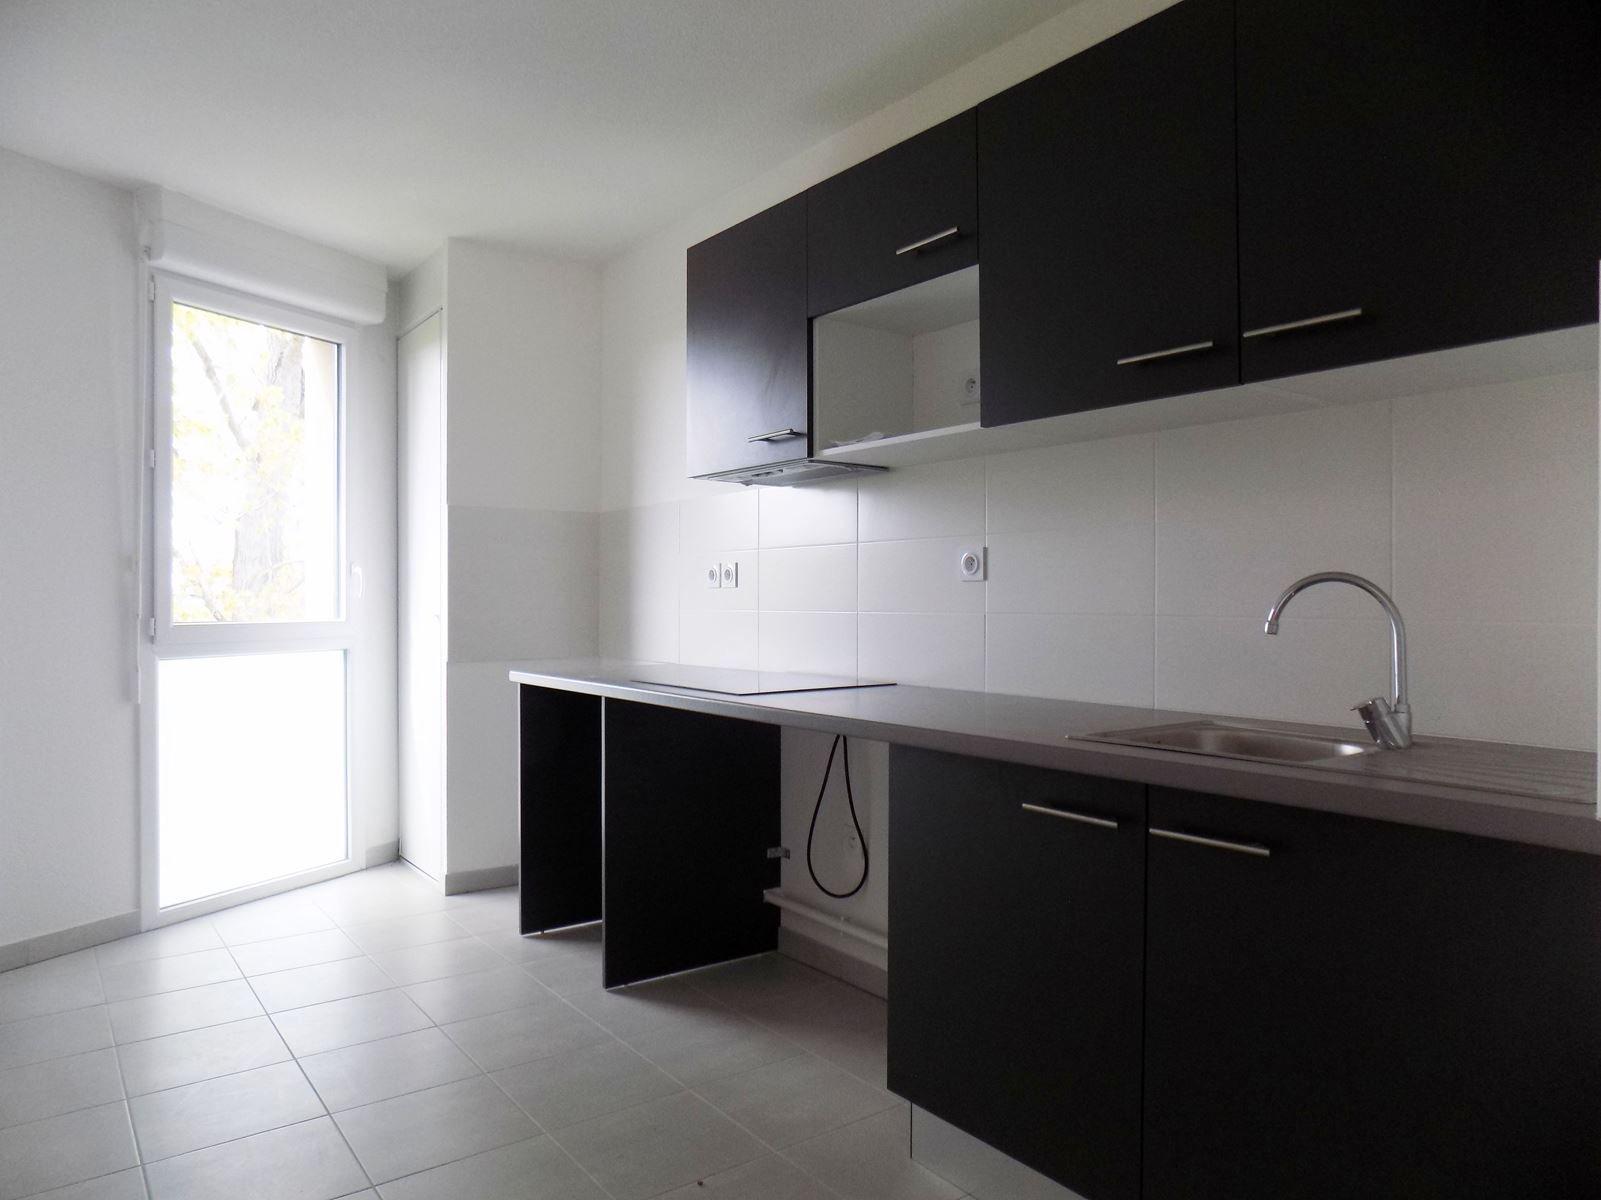 Appartement T3 en dernier étage - 31140 LAUNAGUET